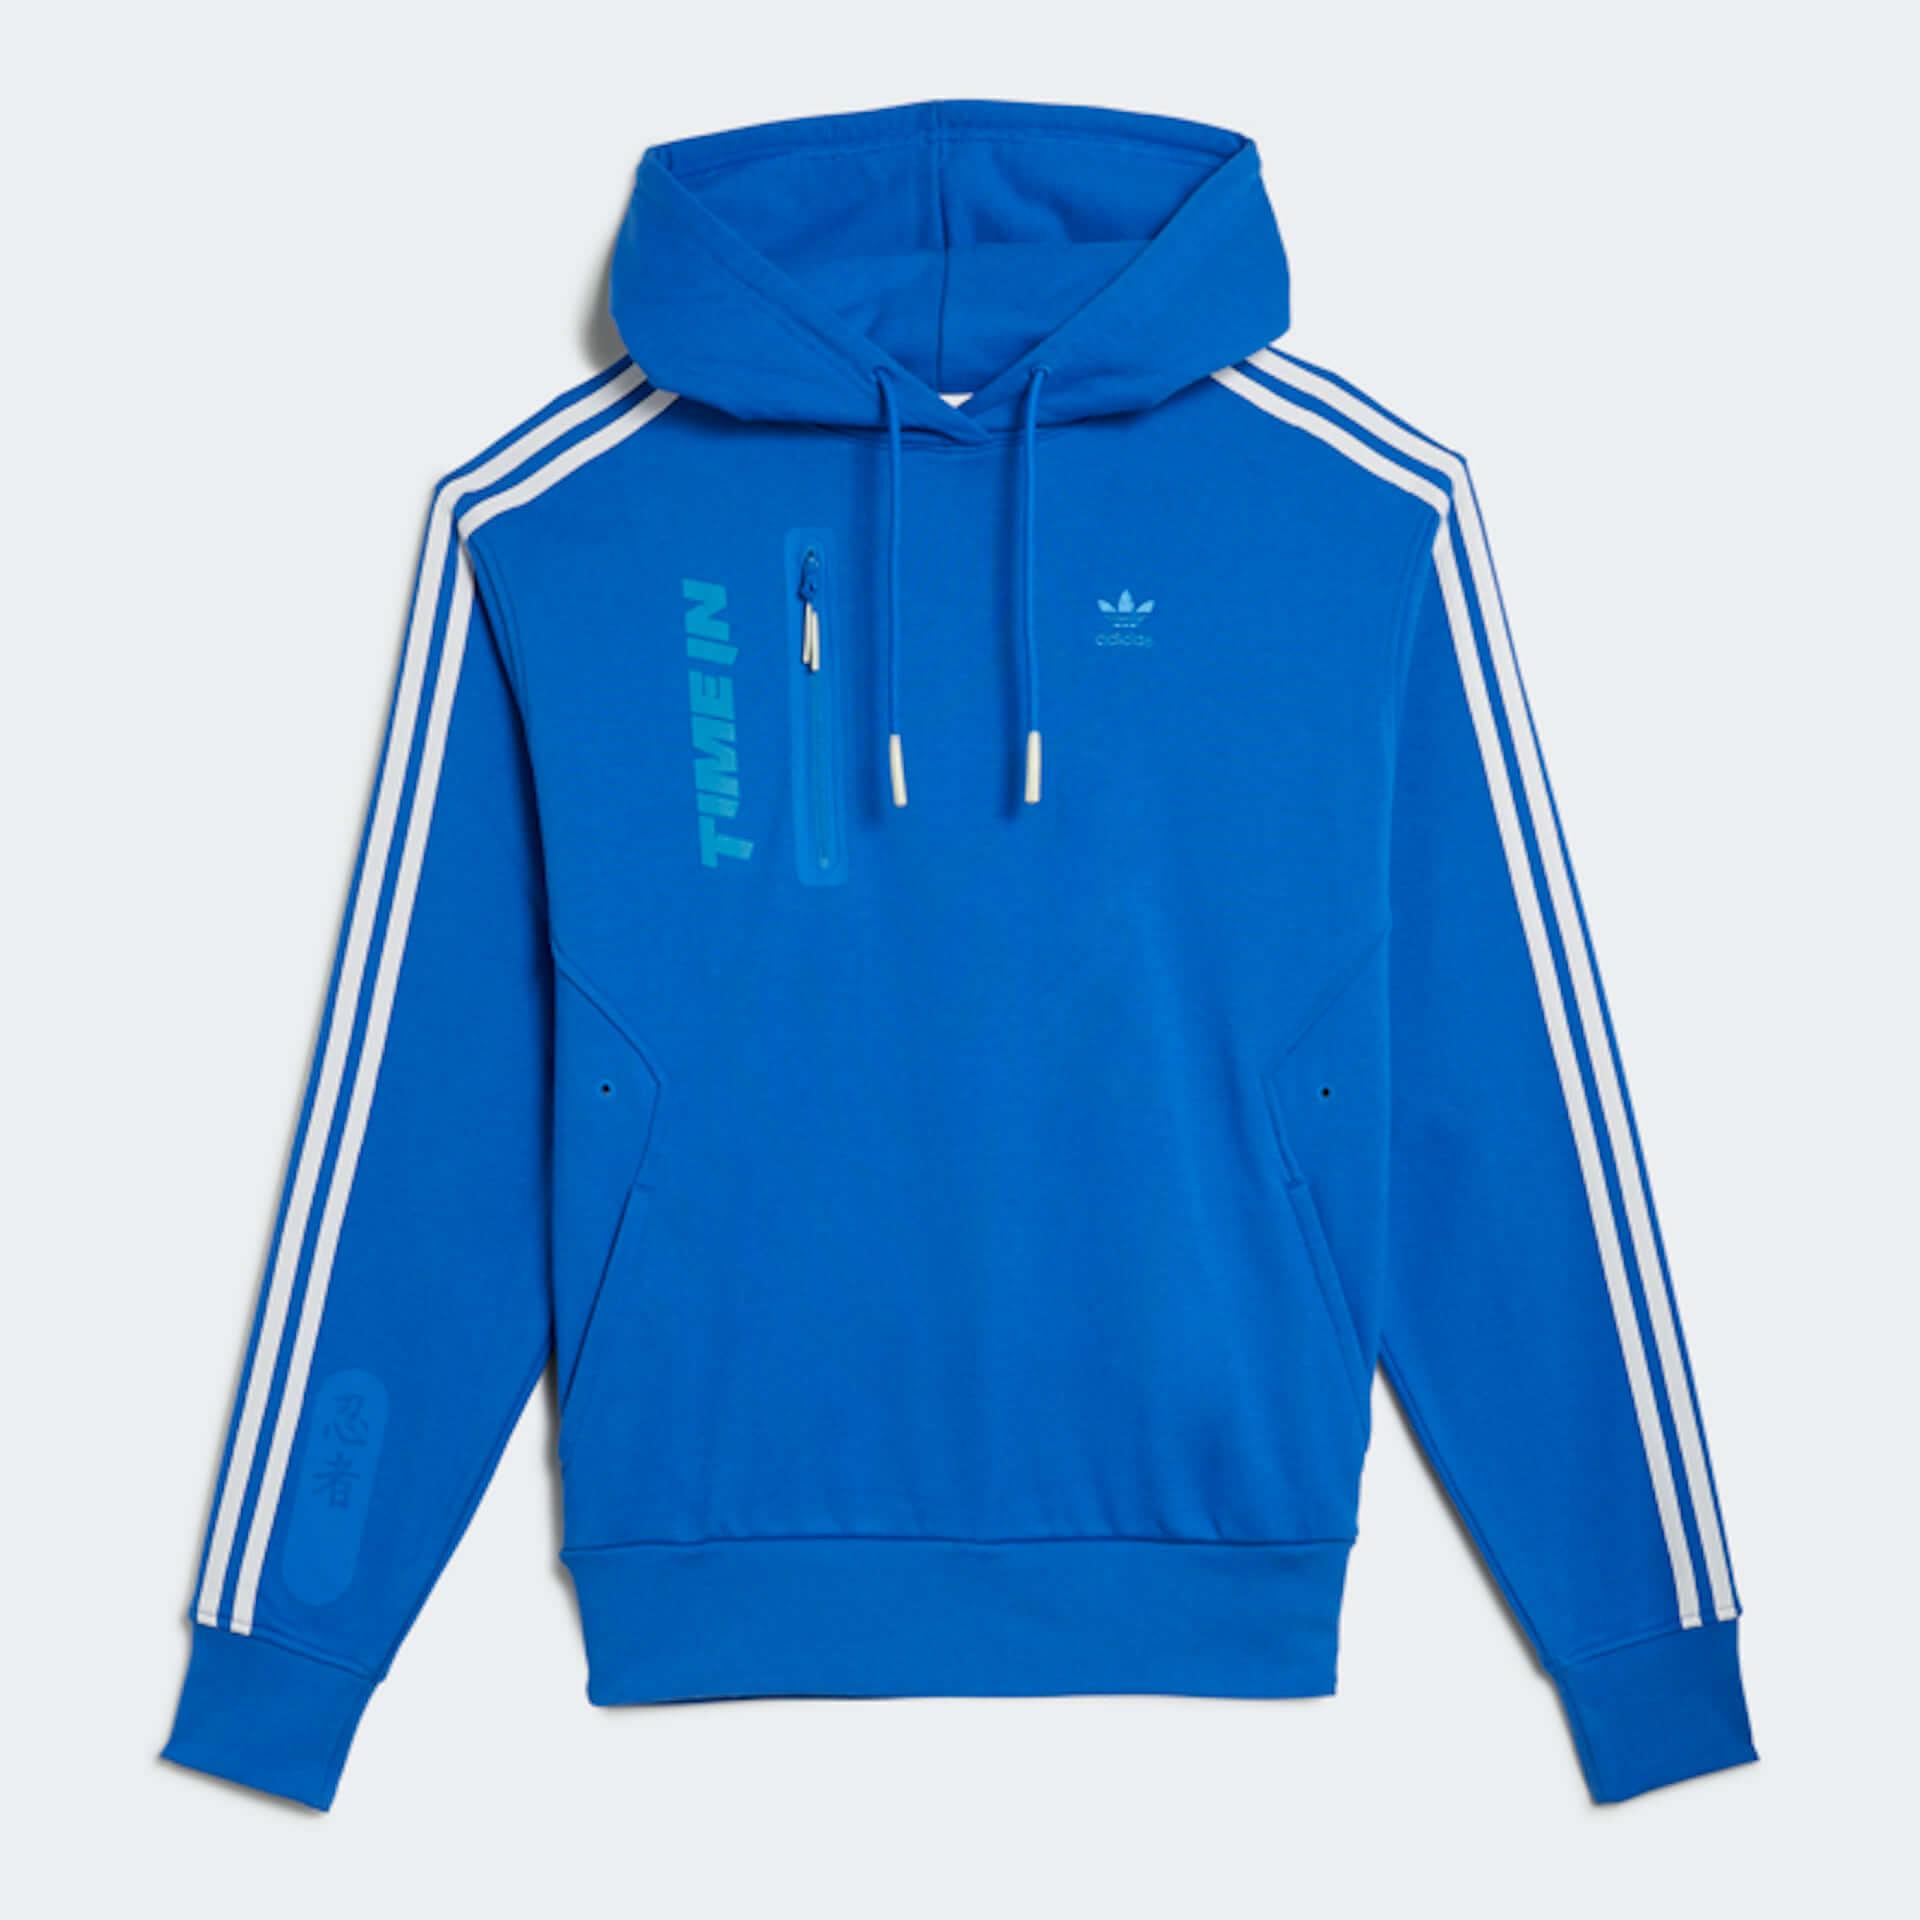 adidas Originalsと大人気ゲームストリーマー・Ninjaの最新コラボコレクションが登場!特別モデル『NINJA ZX 2K BOOST』やTシャツなど多数展開 lf201203_adidas_8-1920x1920